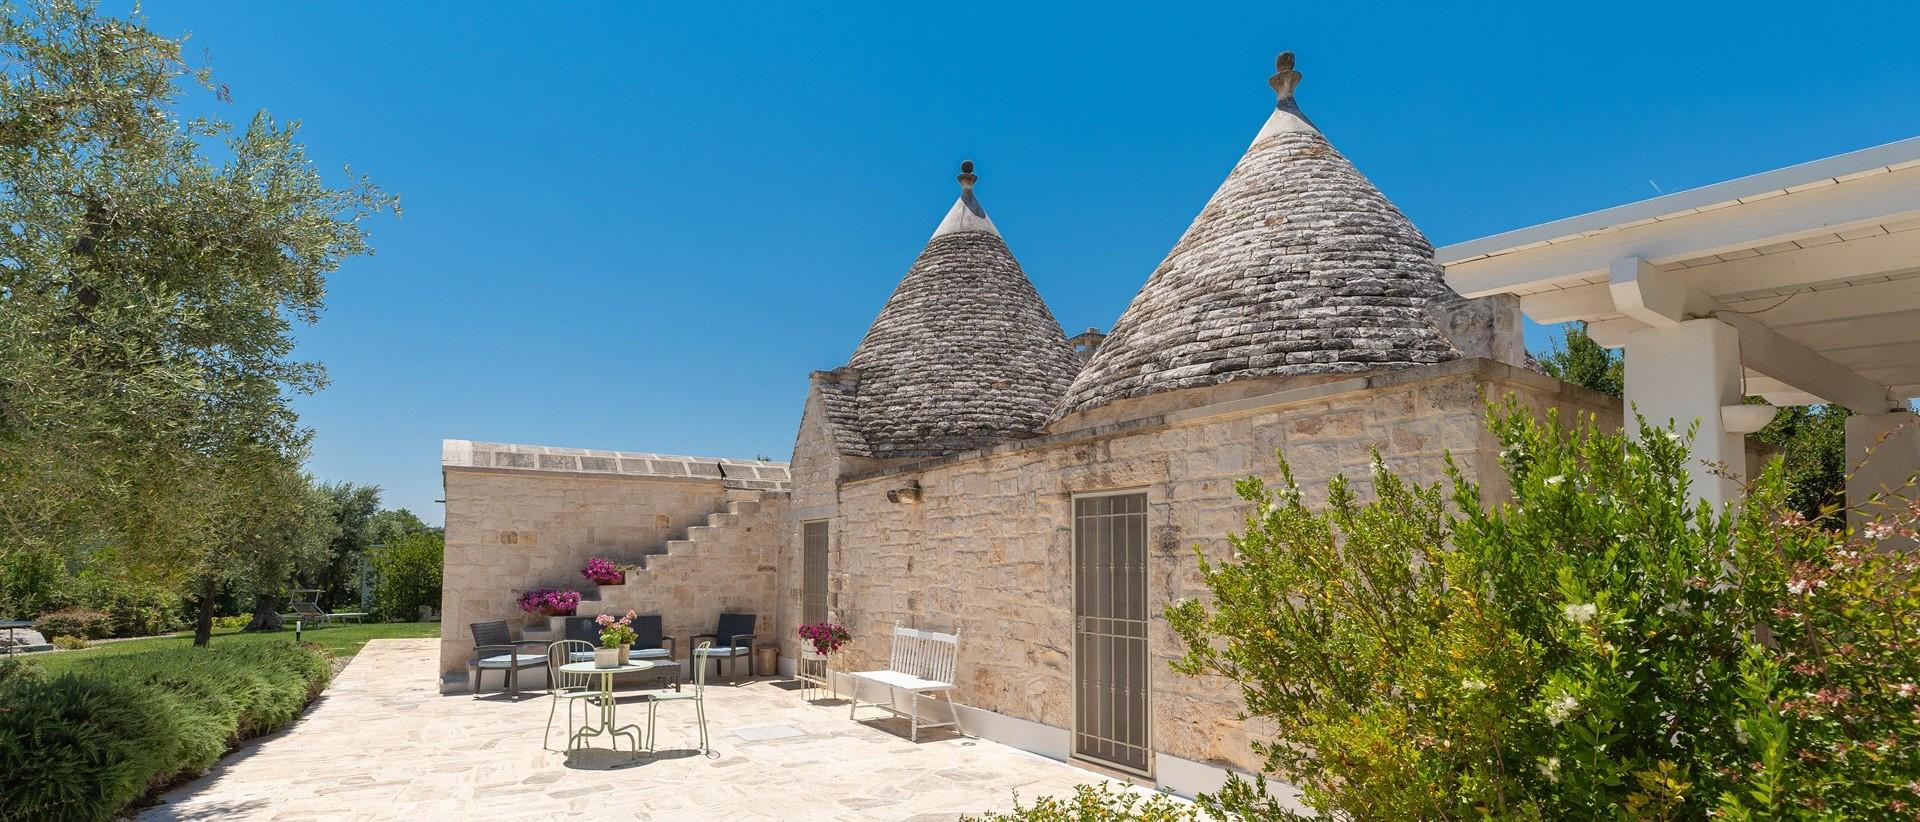 villa-giu-al-trullo-sun-terrace